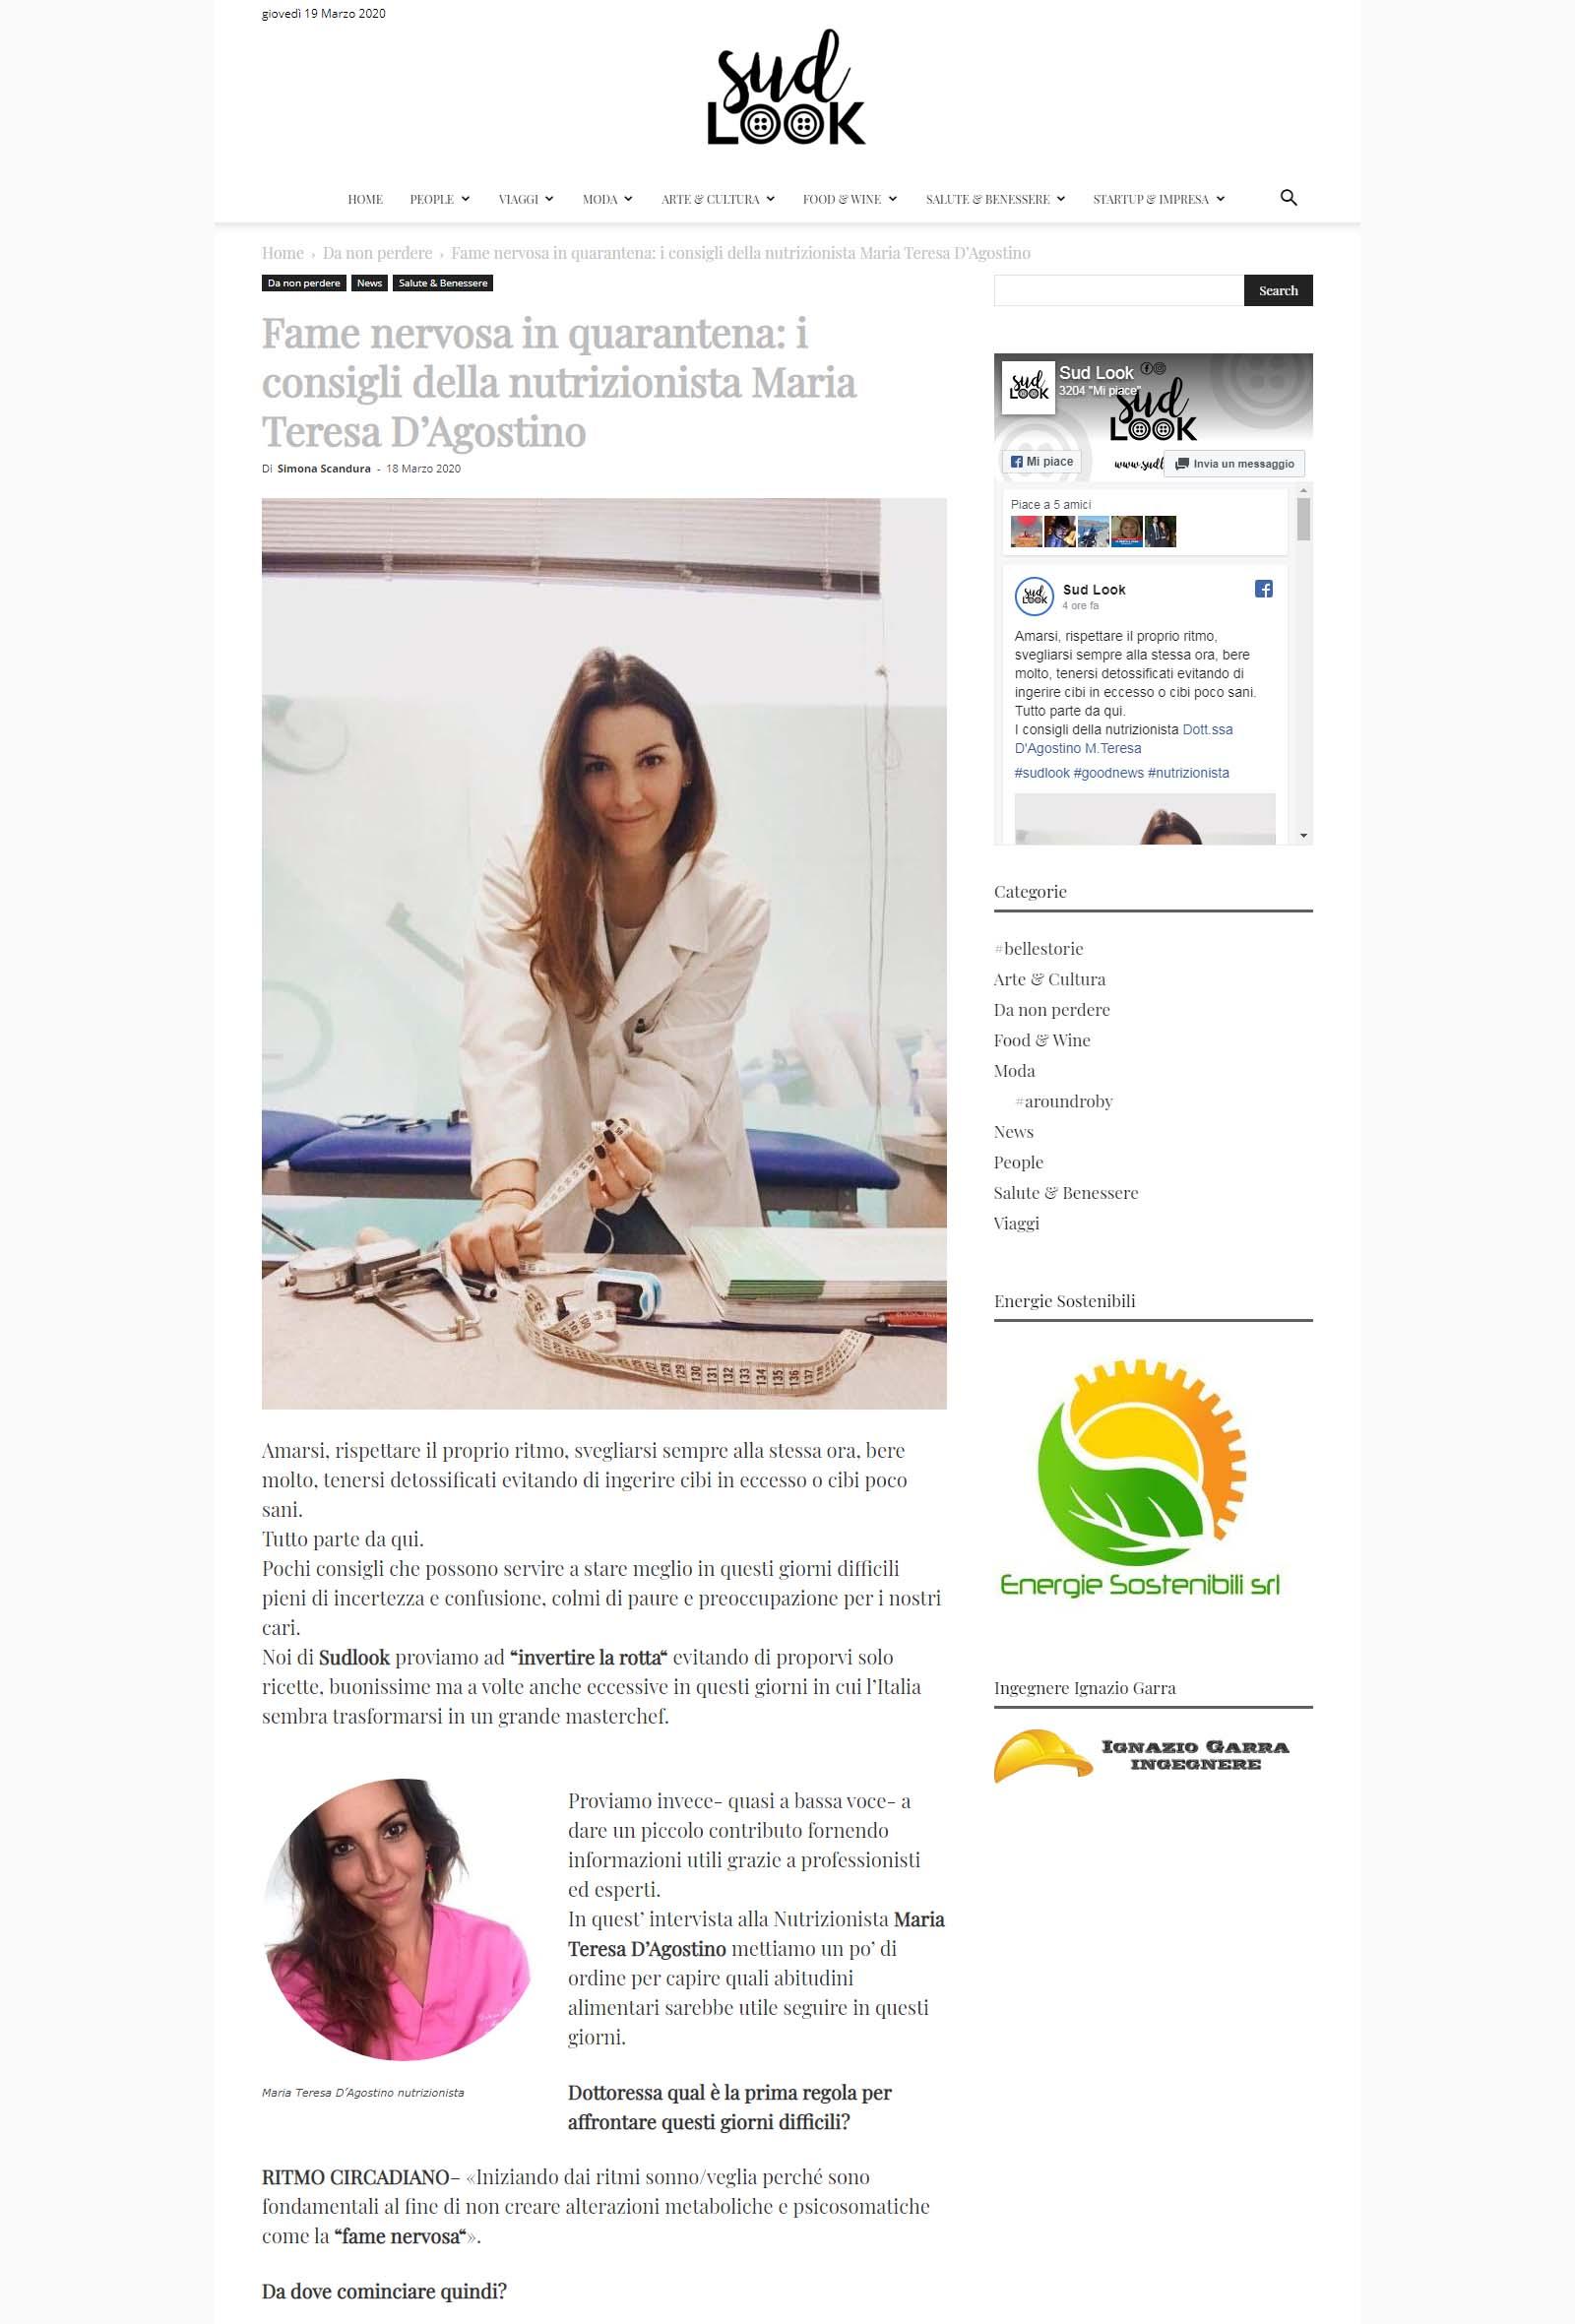 Fame nervosa in quarantena i consigli della nutrizionista Maria Teresa D'Agostino